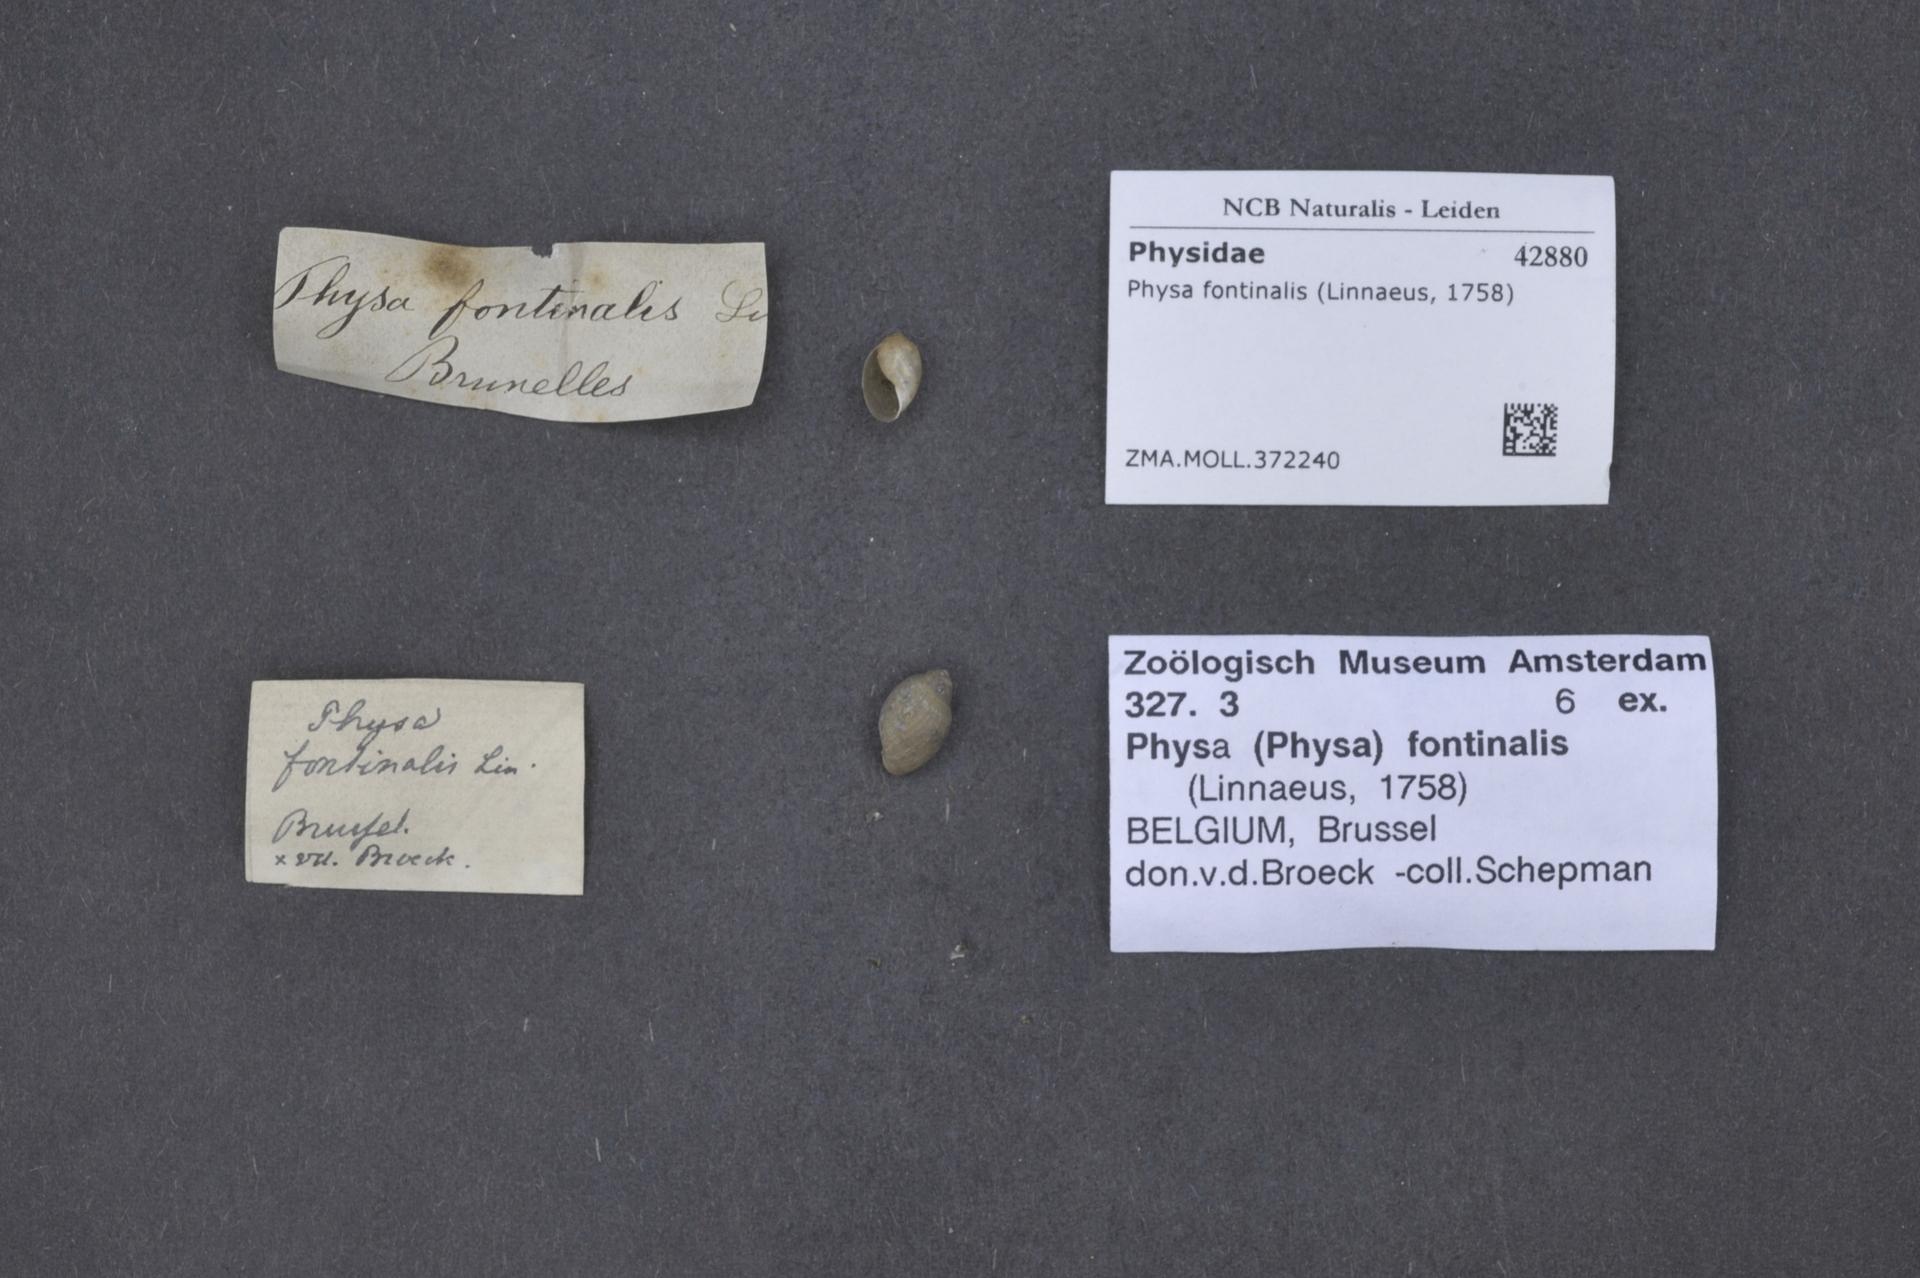 ZMA.MOLL.372240 | Physa fontinalis Linnaeus, 1758